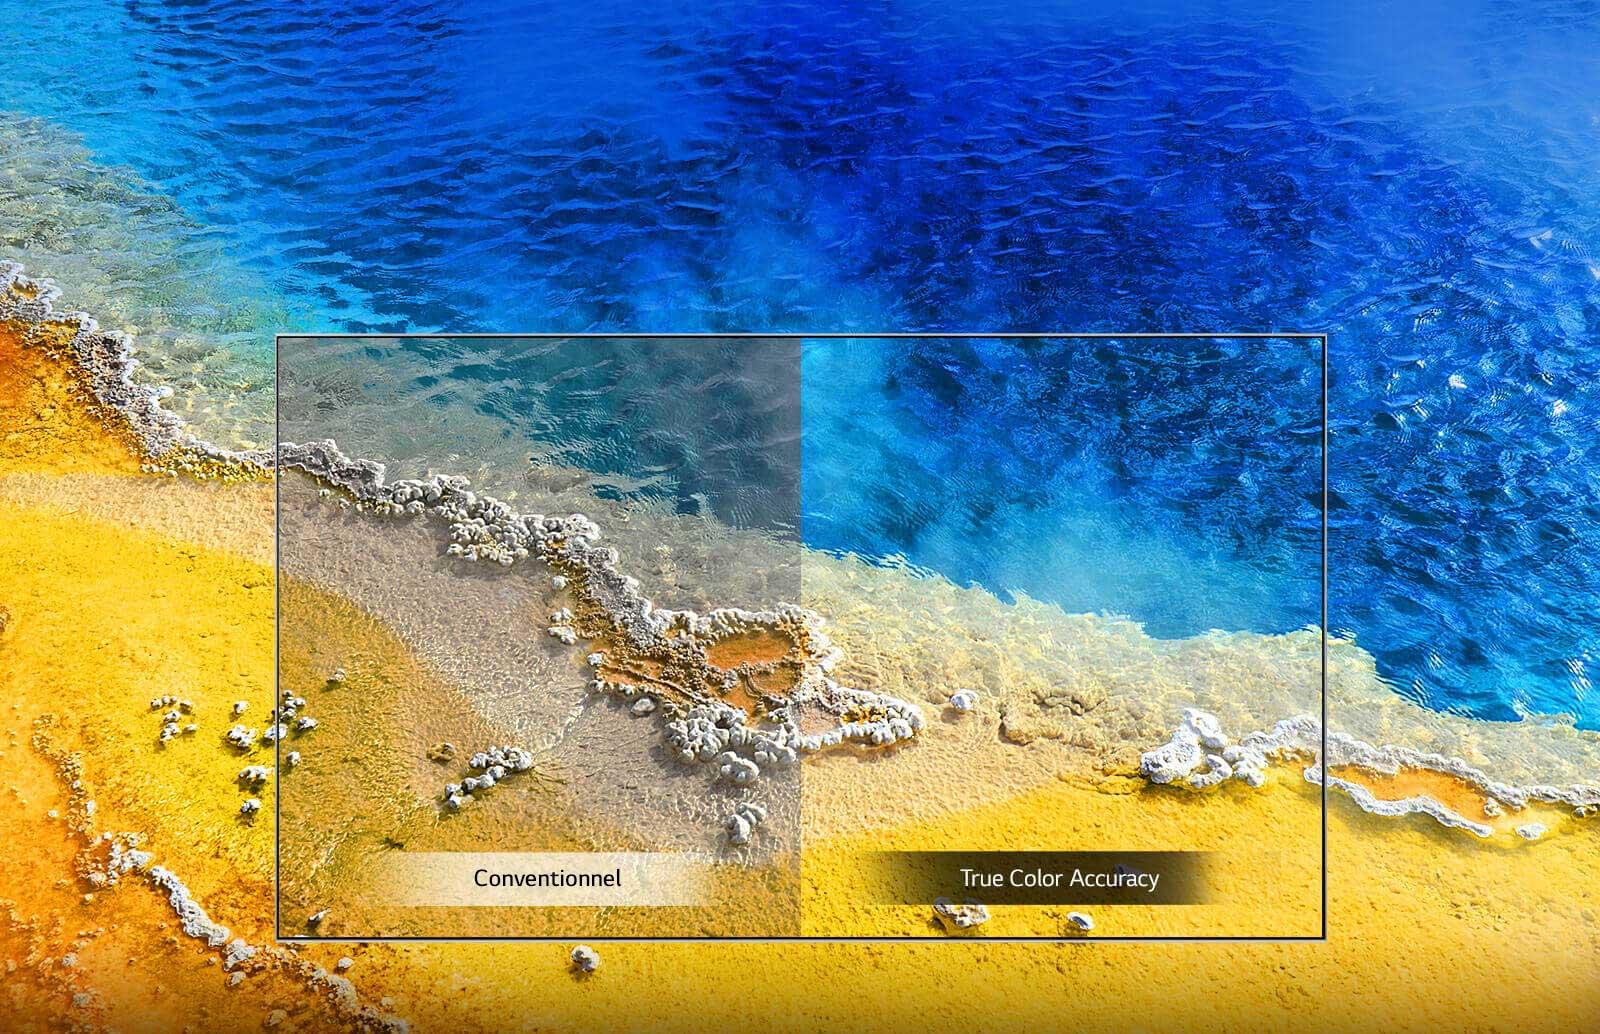 Plage colorée qui montre l'apport de la fonction True Color Accuracy